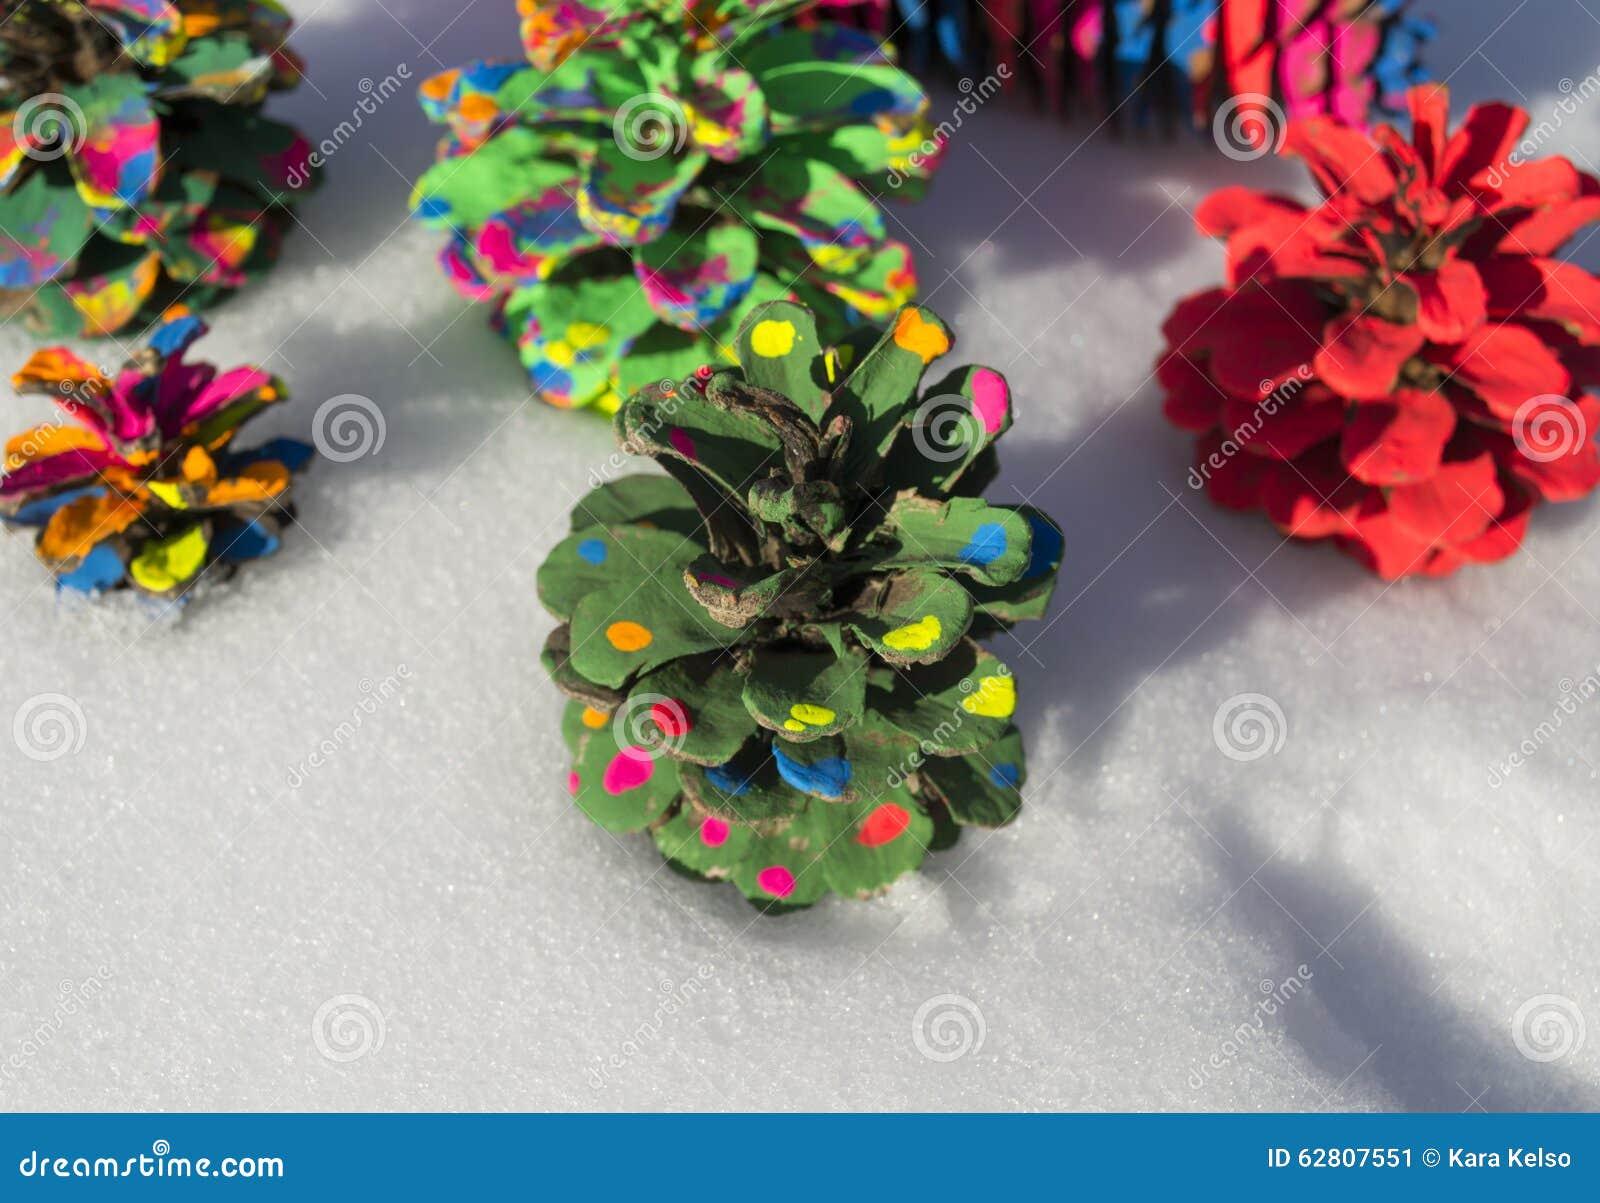 Painted Pine Cone Christmas Tree Stock Photo